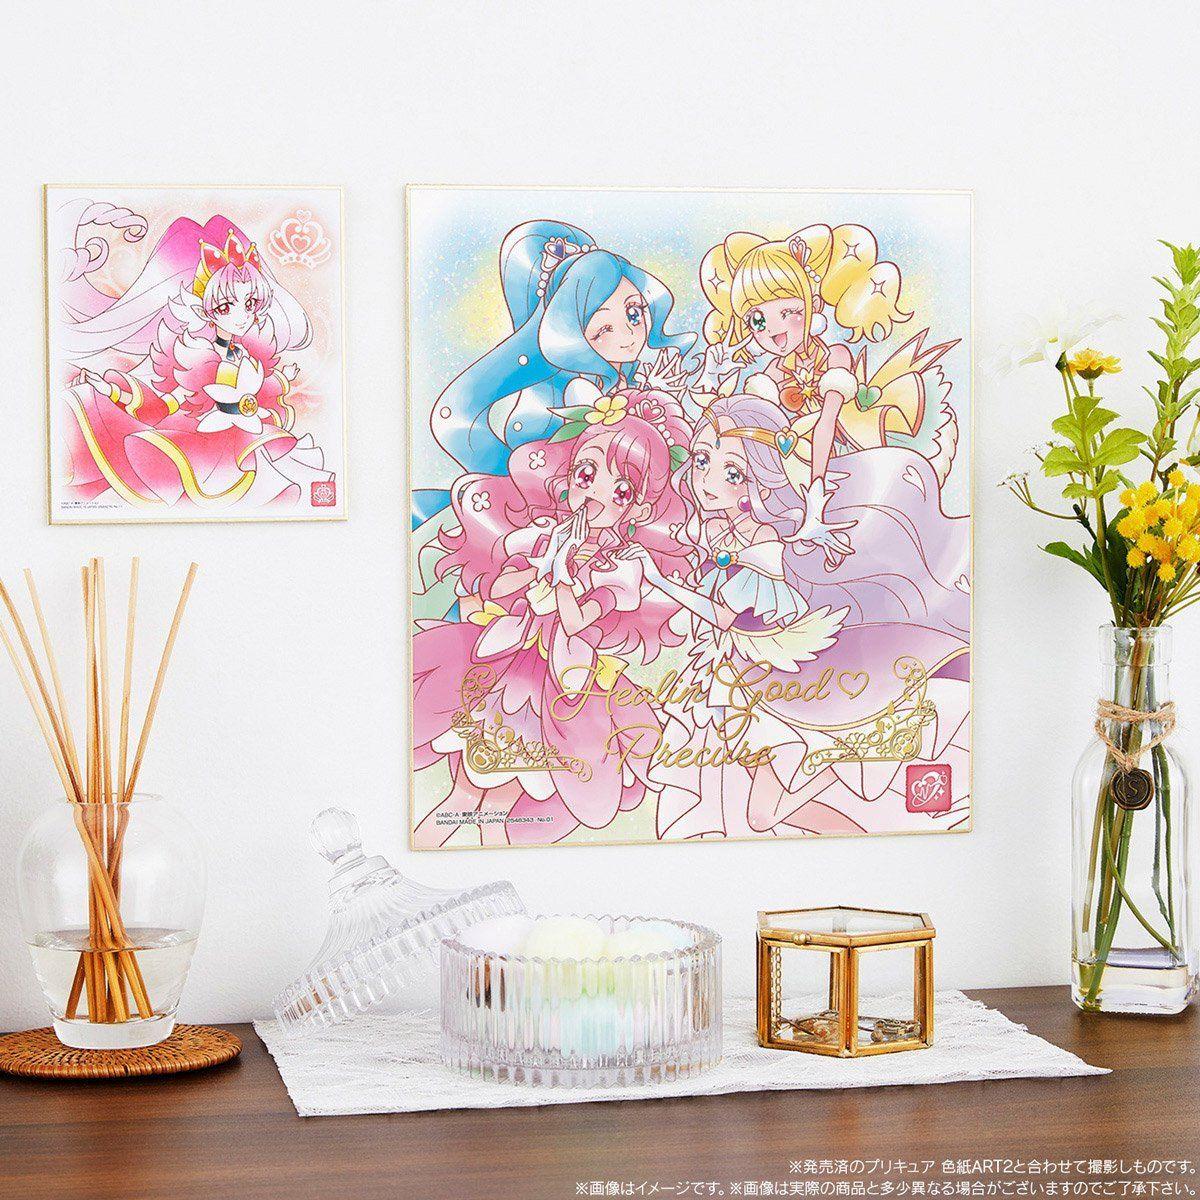 プリキュア色紙ART-メモリアルセット-【プレミアムバンダイ限定】_5